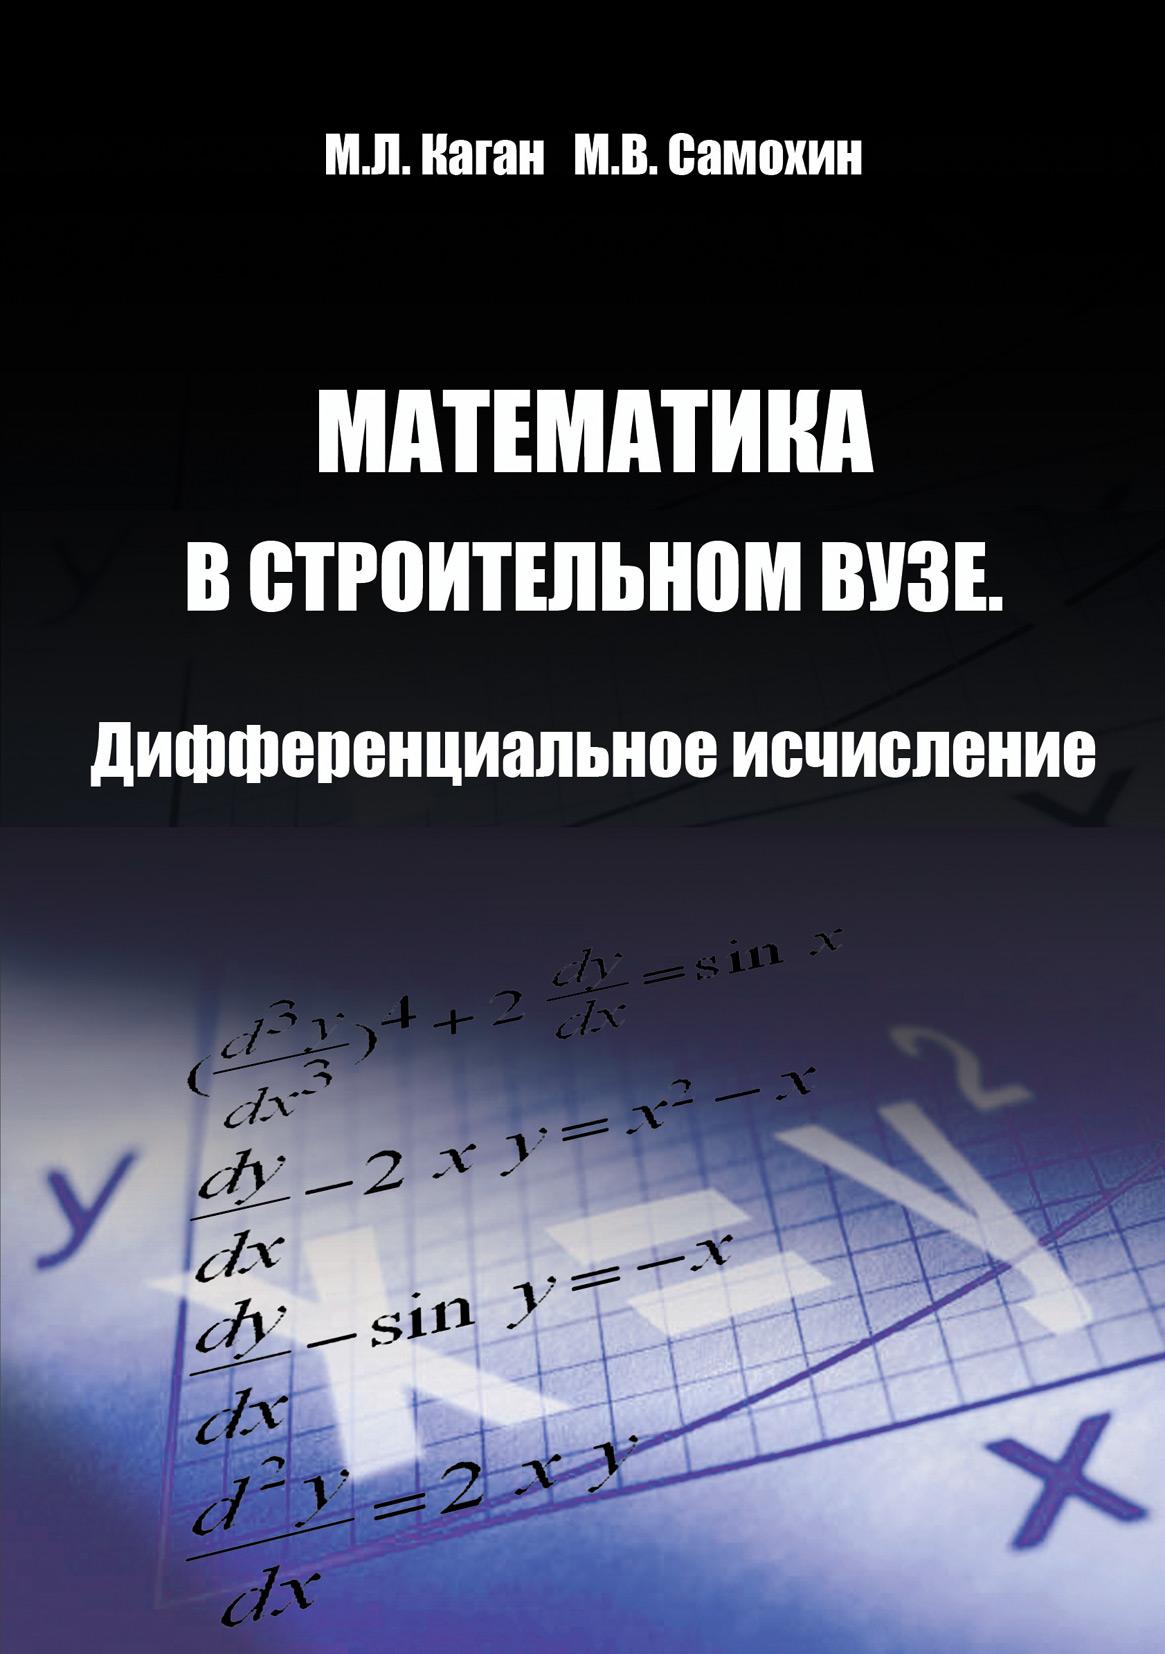 М. Л. Каган Математика в строительном вузе. Дифференциальное исчисление